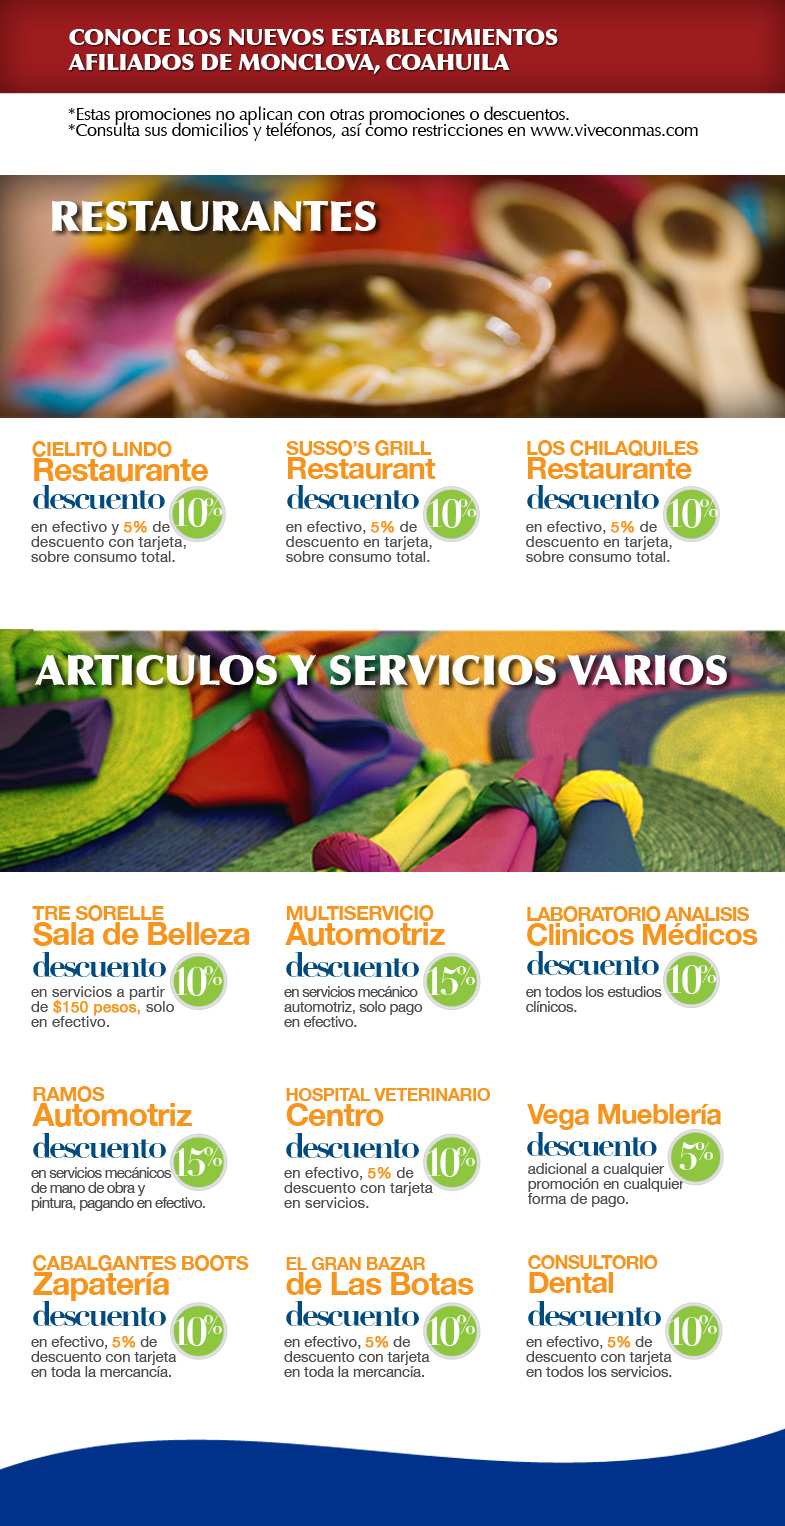 Diciembre 2010 Vive Con Mas Blog # Muebles Vega Monclova